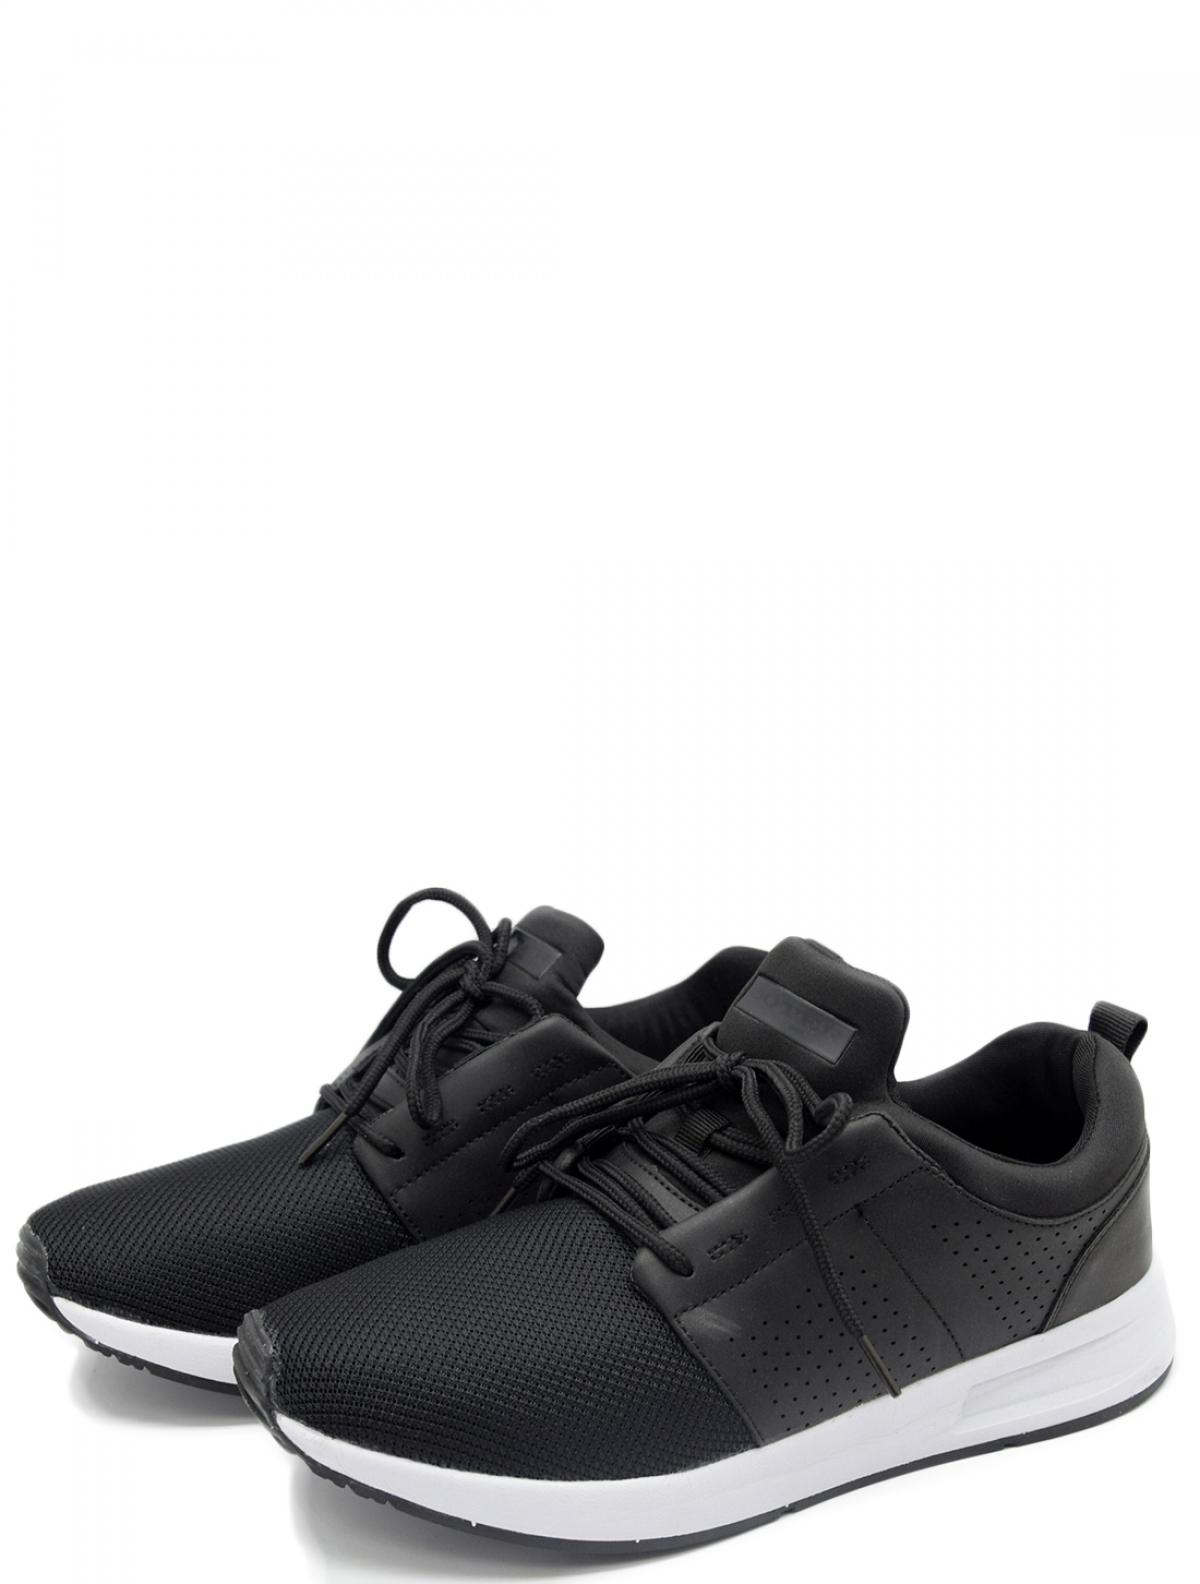 Soter YH-18445-1 мужские кроссовки